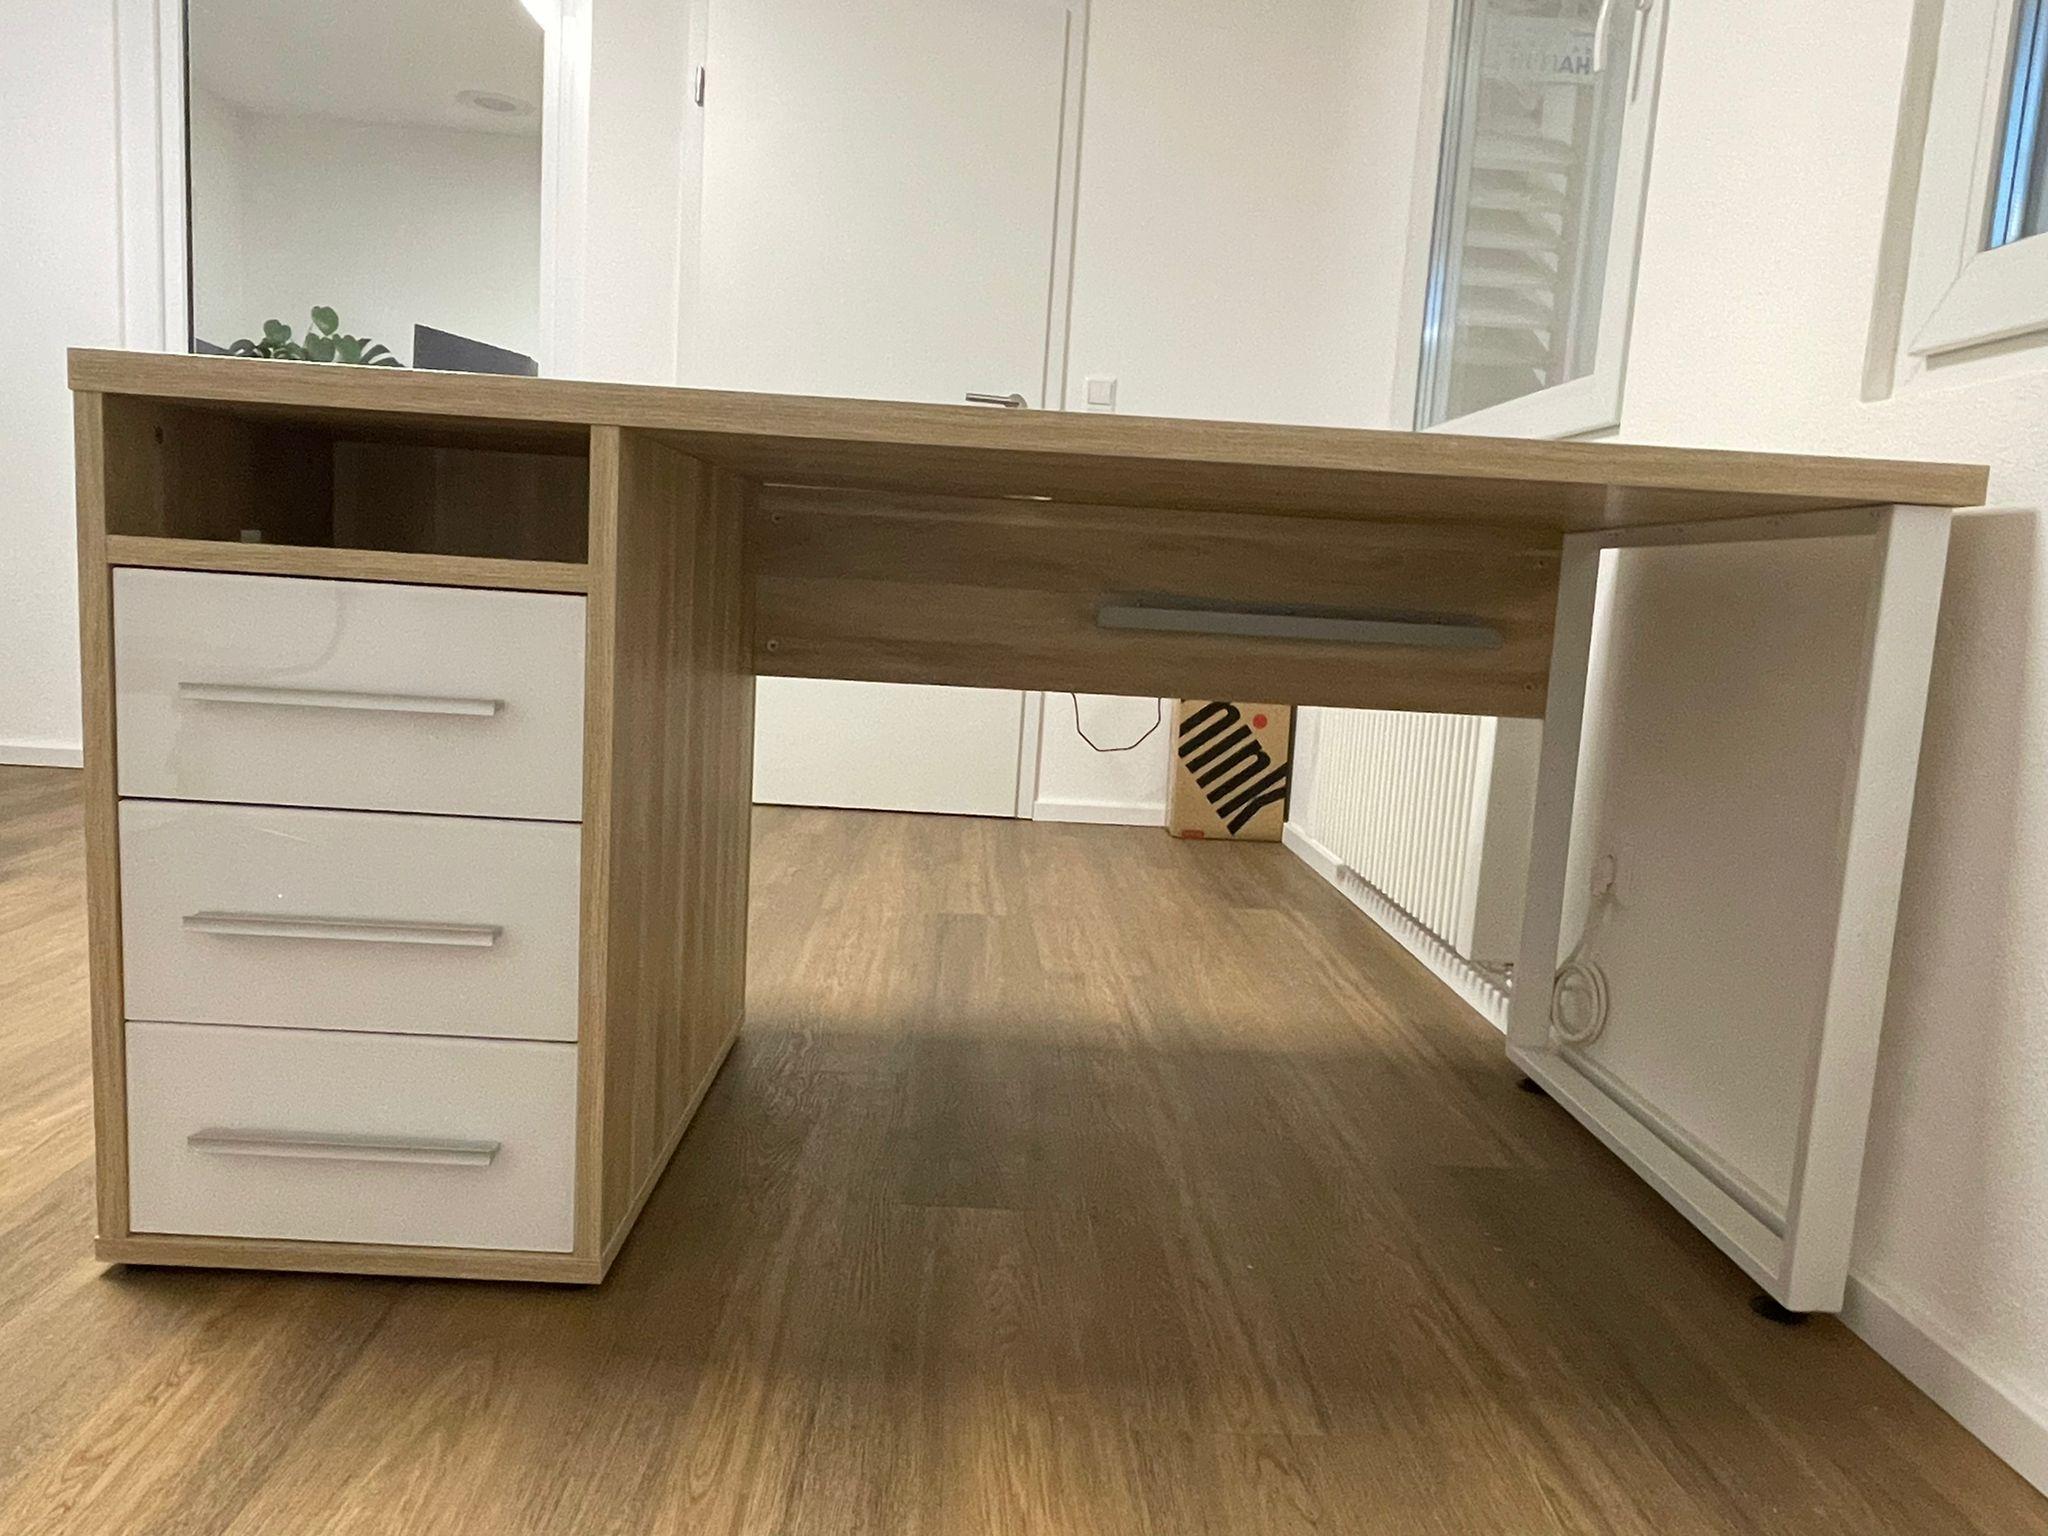 Bürotisch mit Schubladen und offenem Fach als Ausstellungsstück